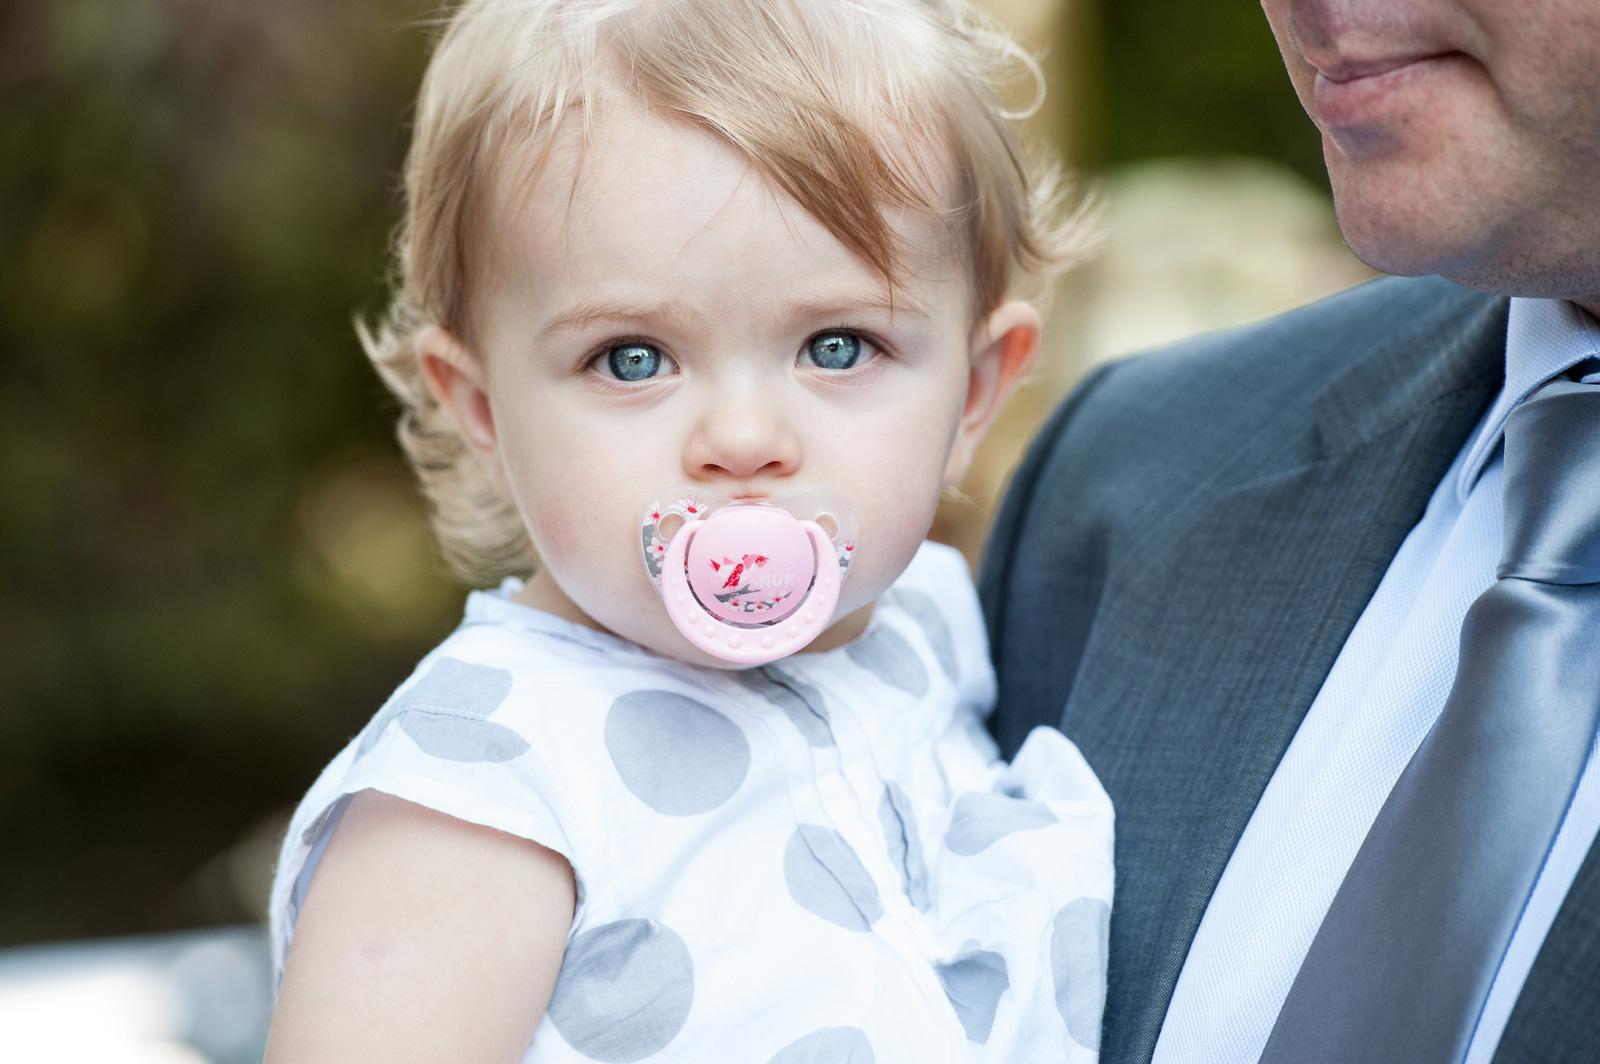 cute baby at wedding